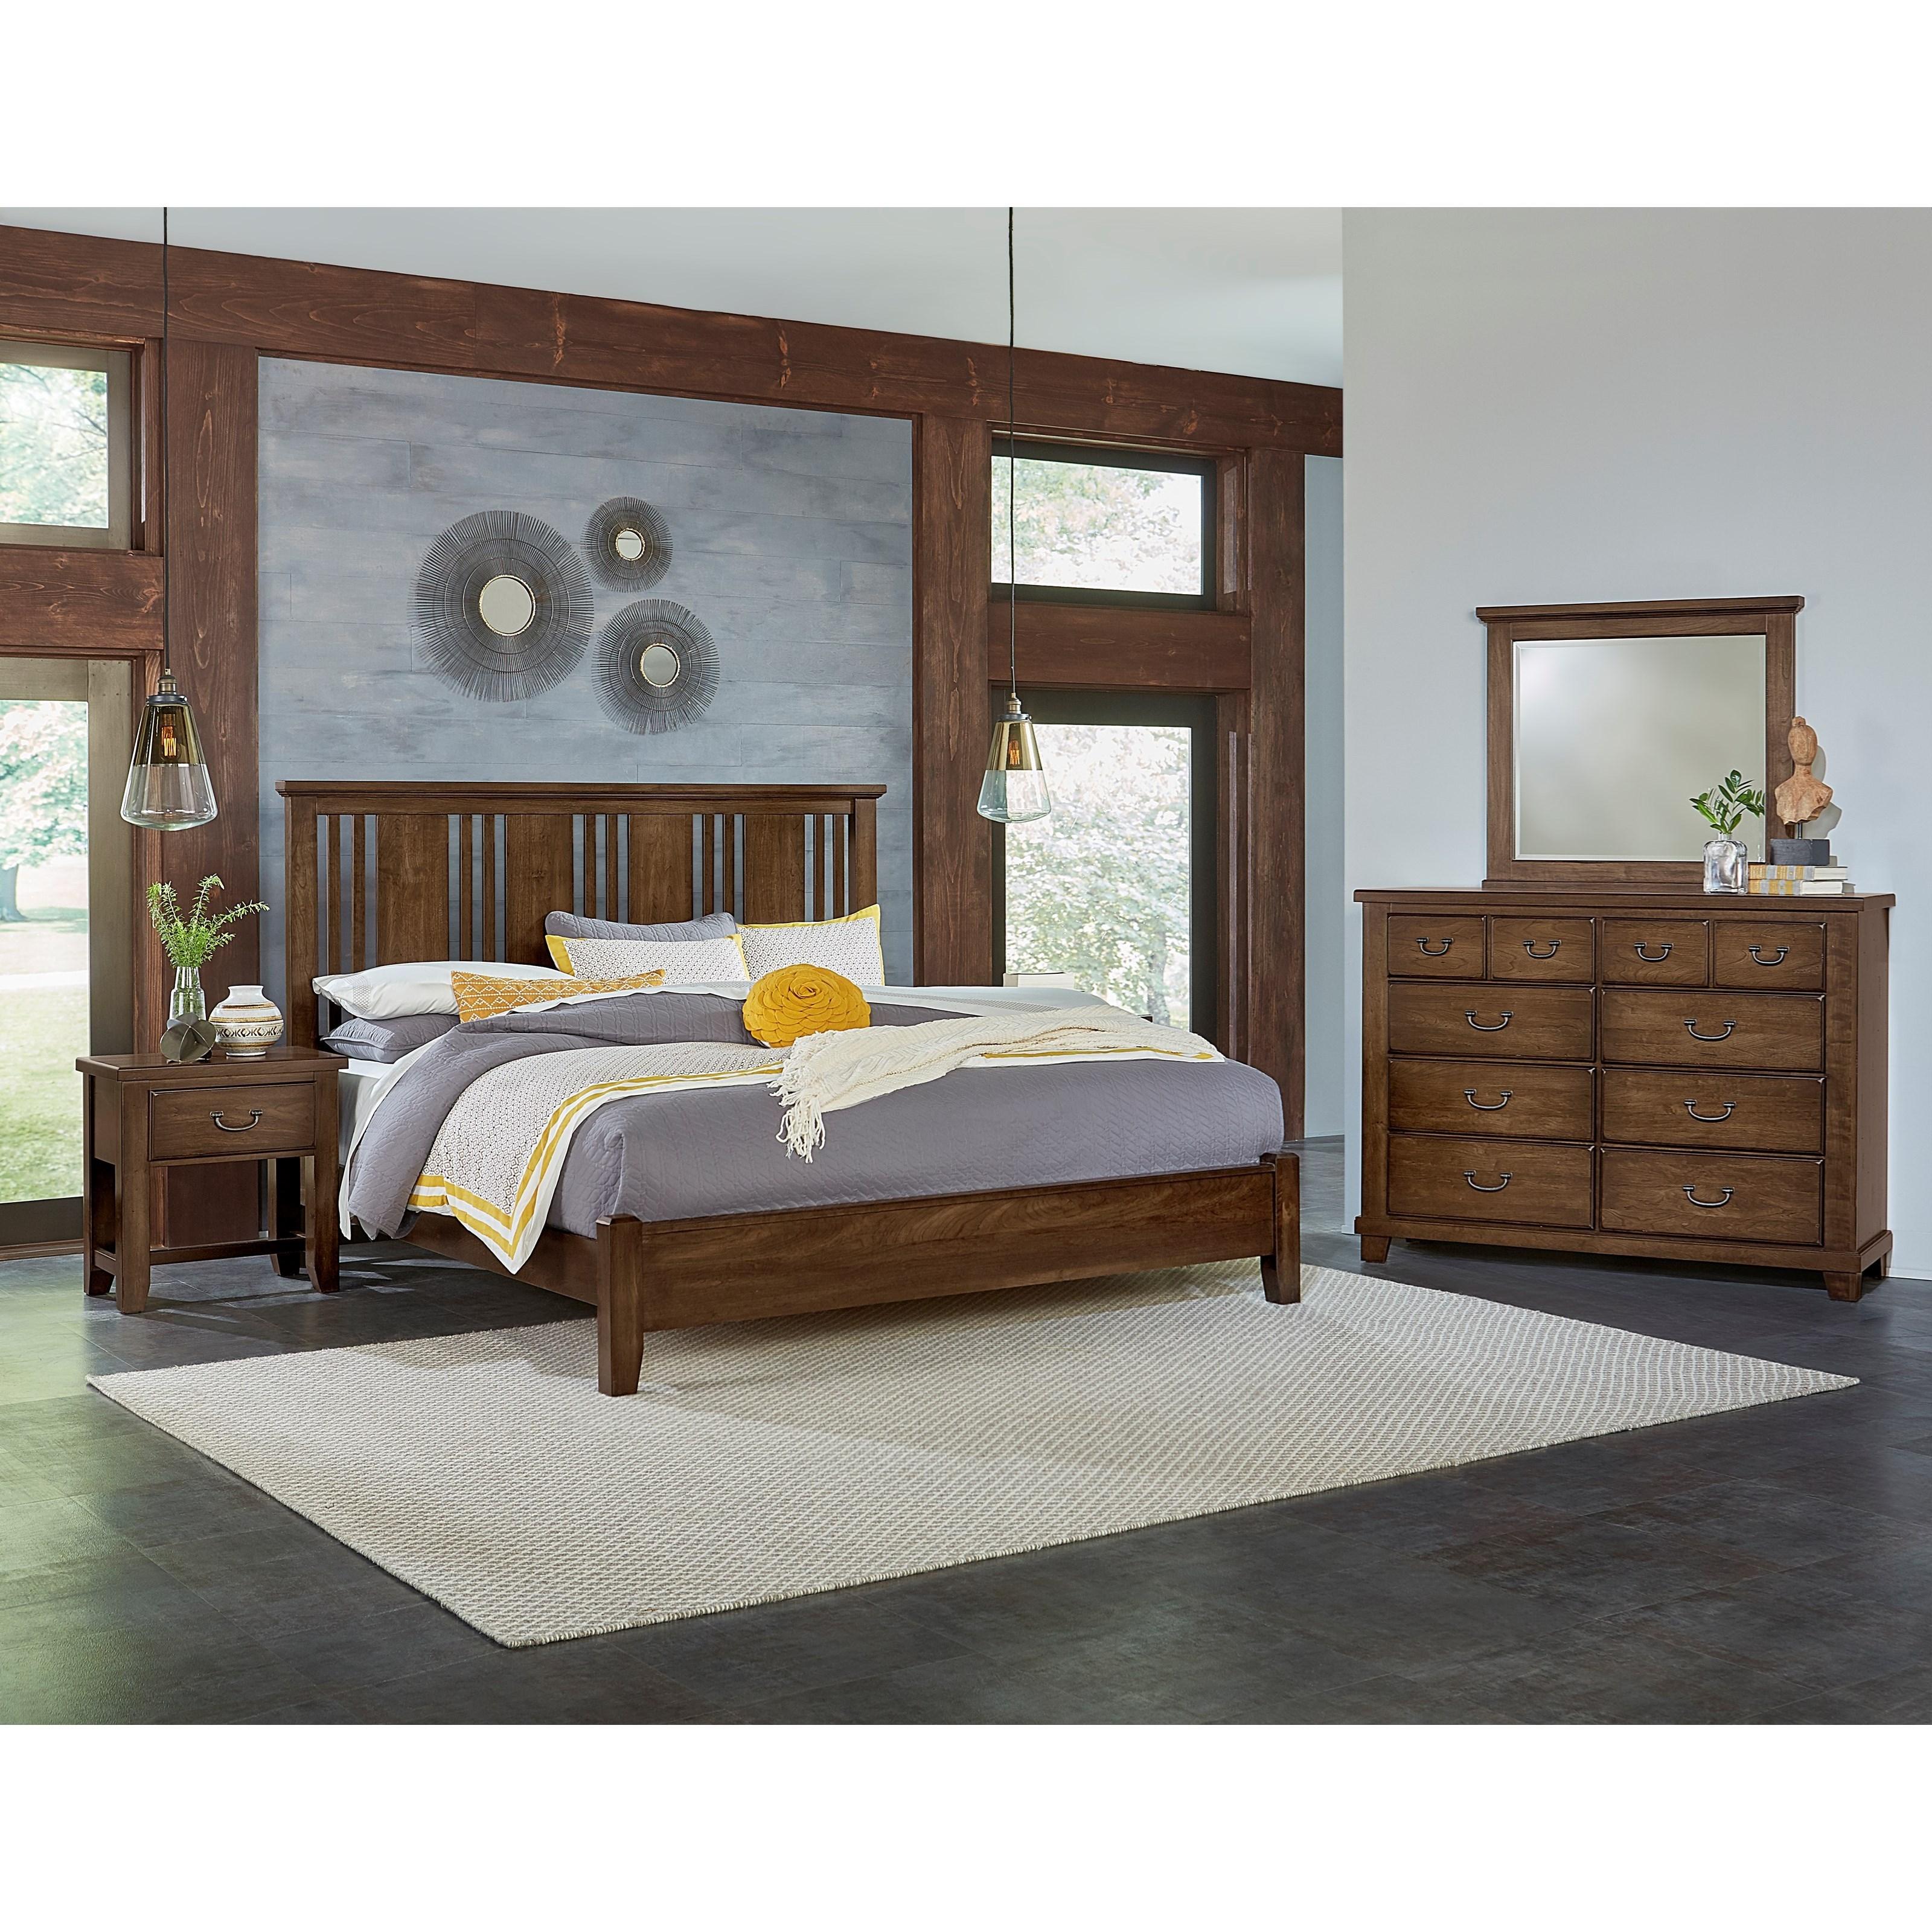 Vaughan Bassett American Cherry King Bedroom Group - Item Number: 417 K Bedroom Group 1